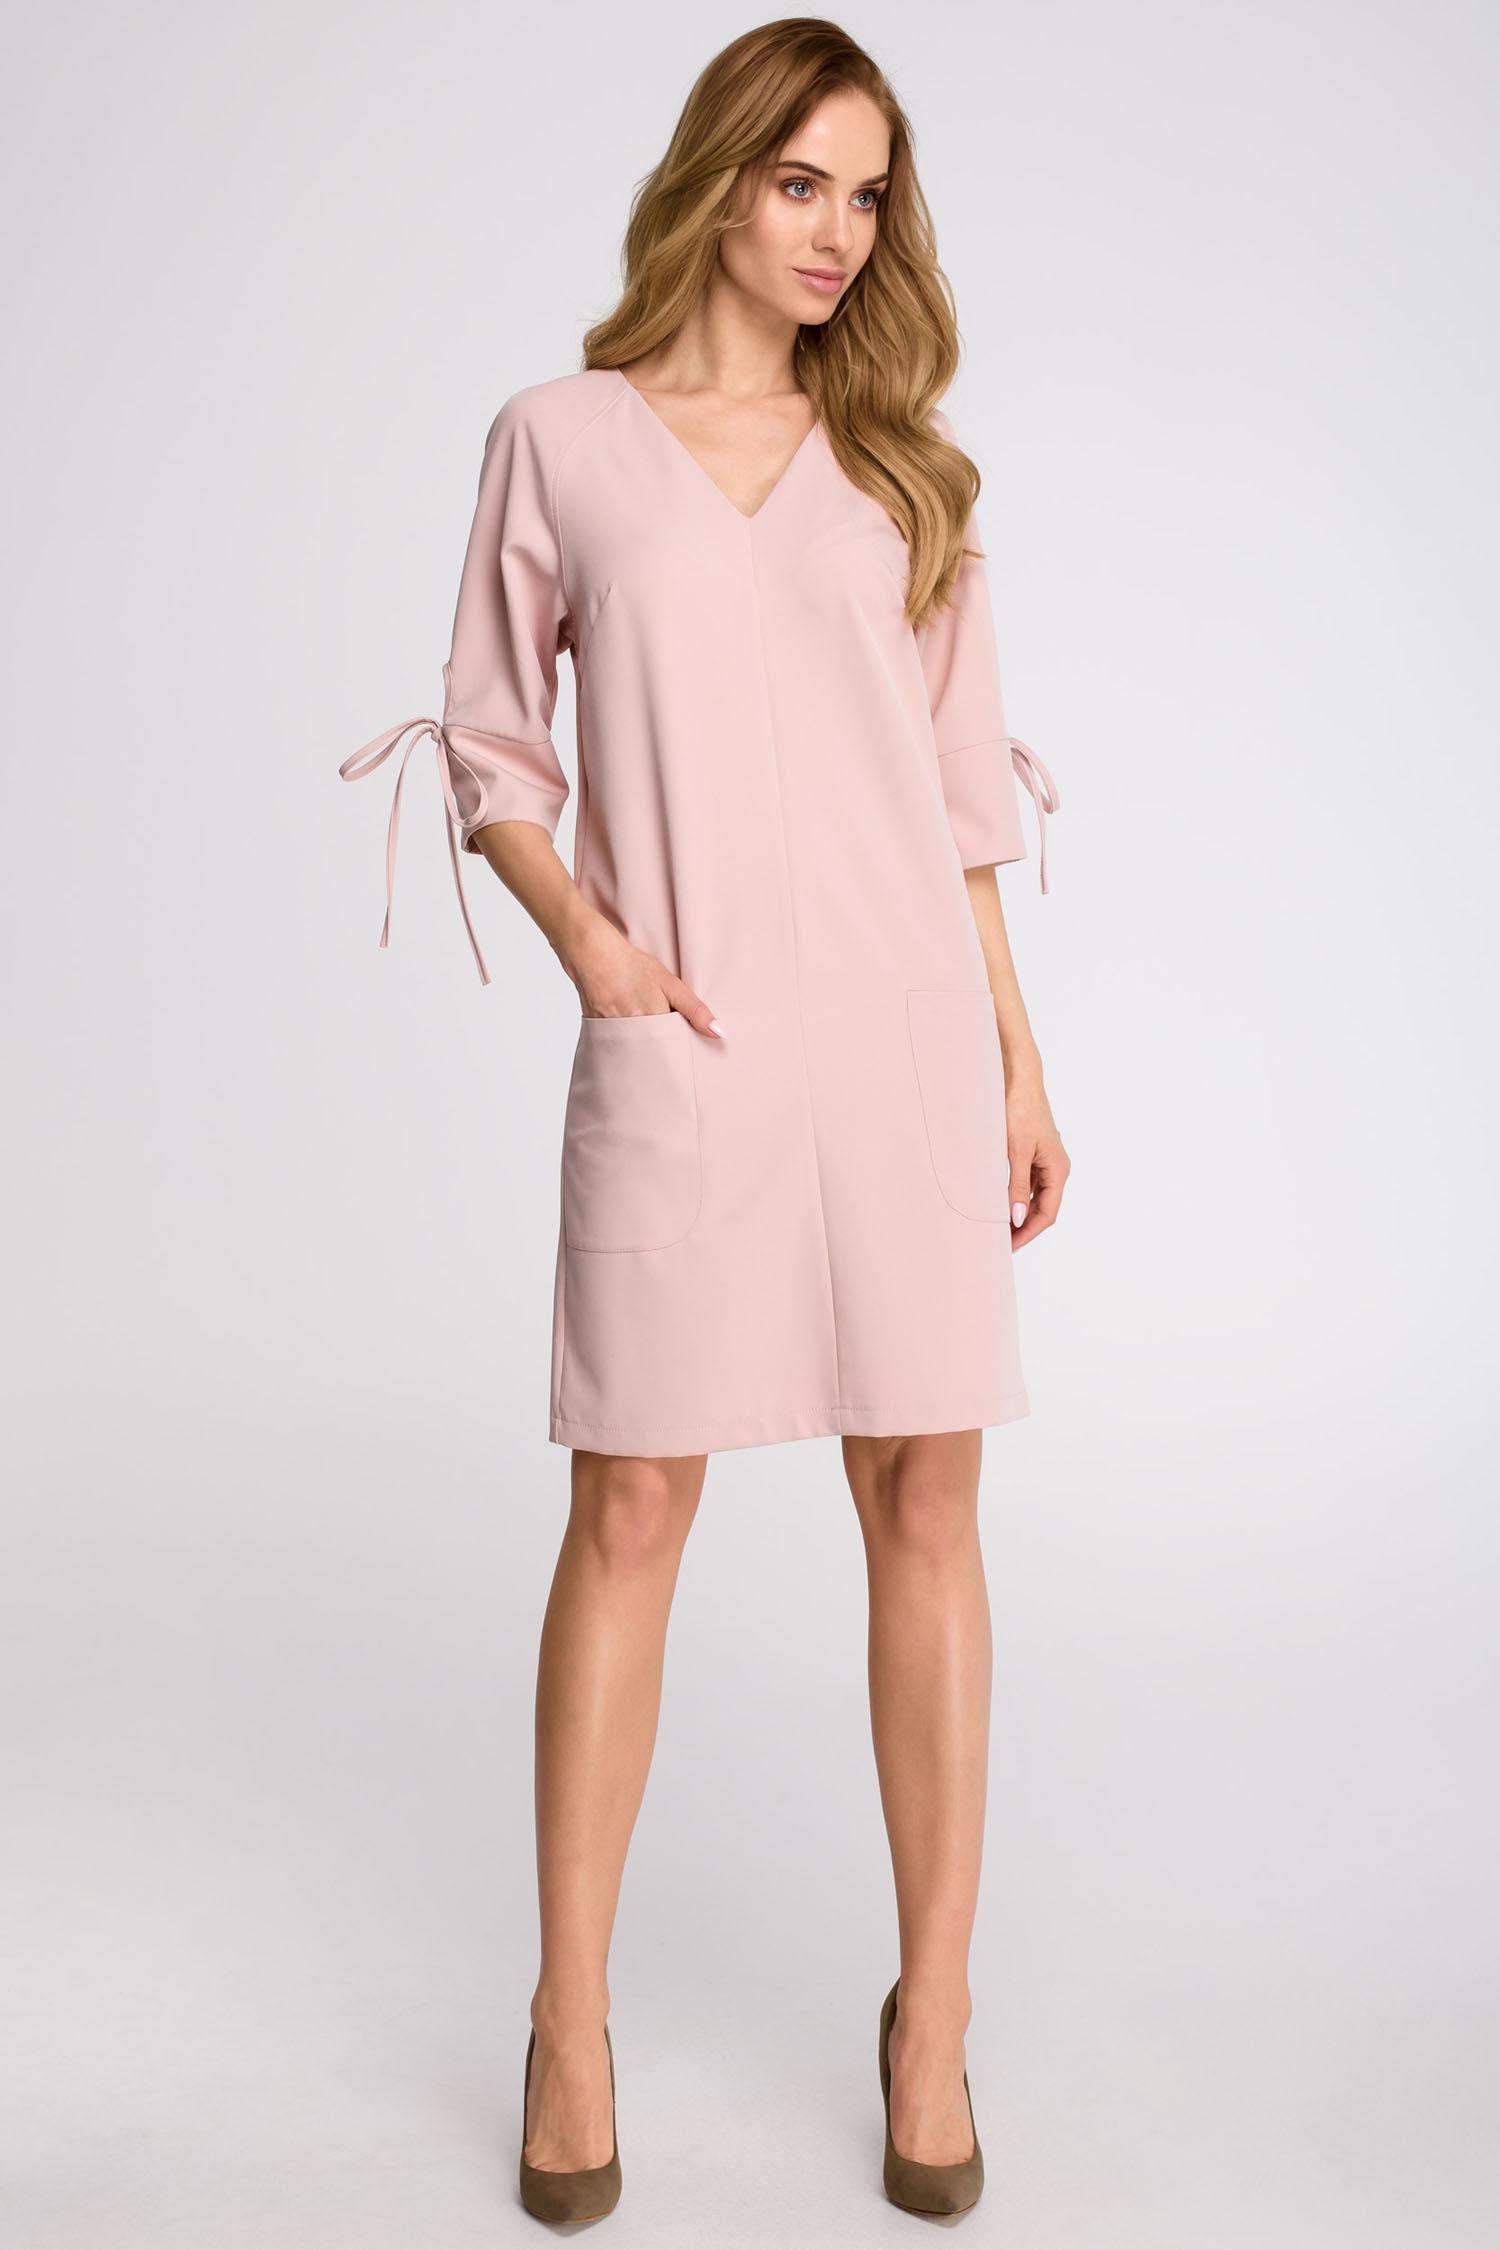 5a0c9dcd6d Minimalistyczna Prosta Sukienka Kieszenie RÓŻOWA M - 7551547198 ...